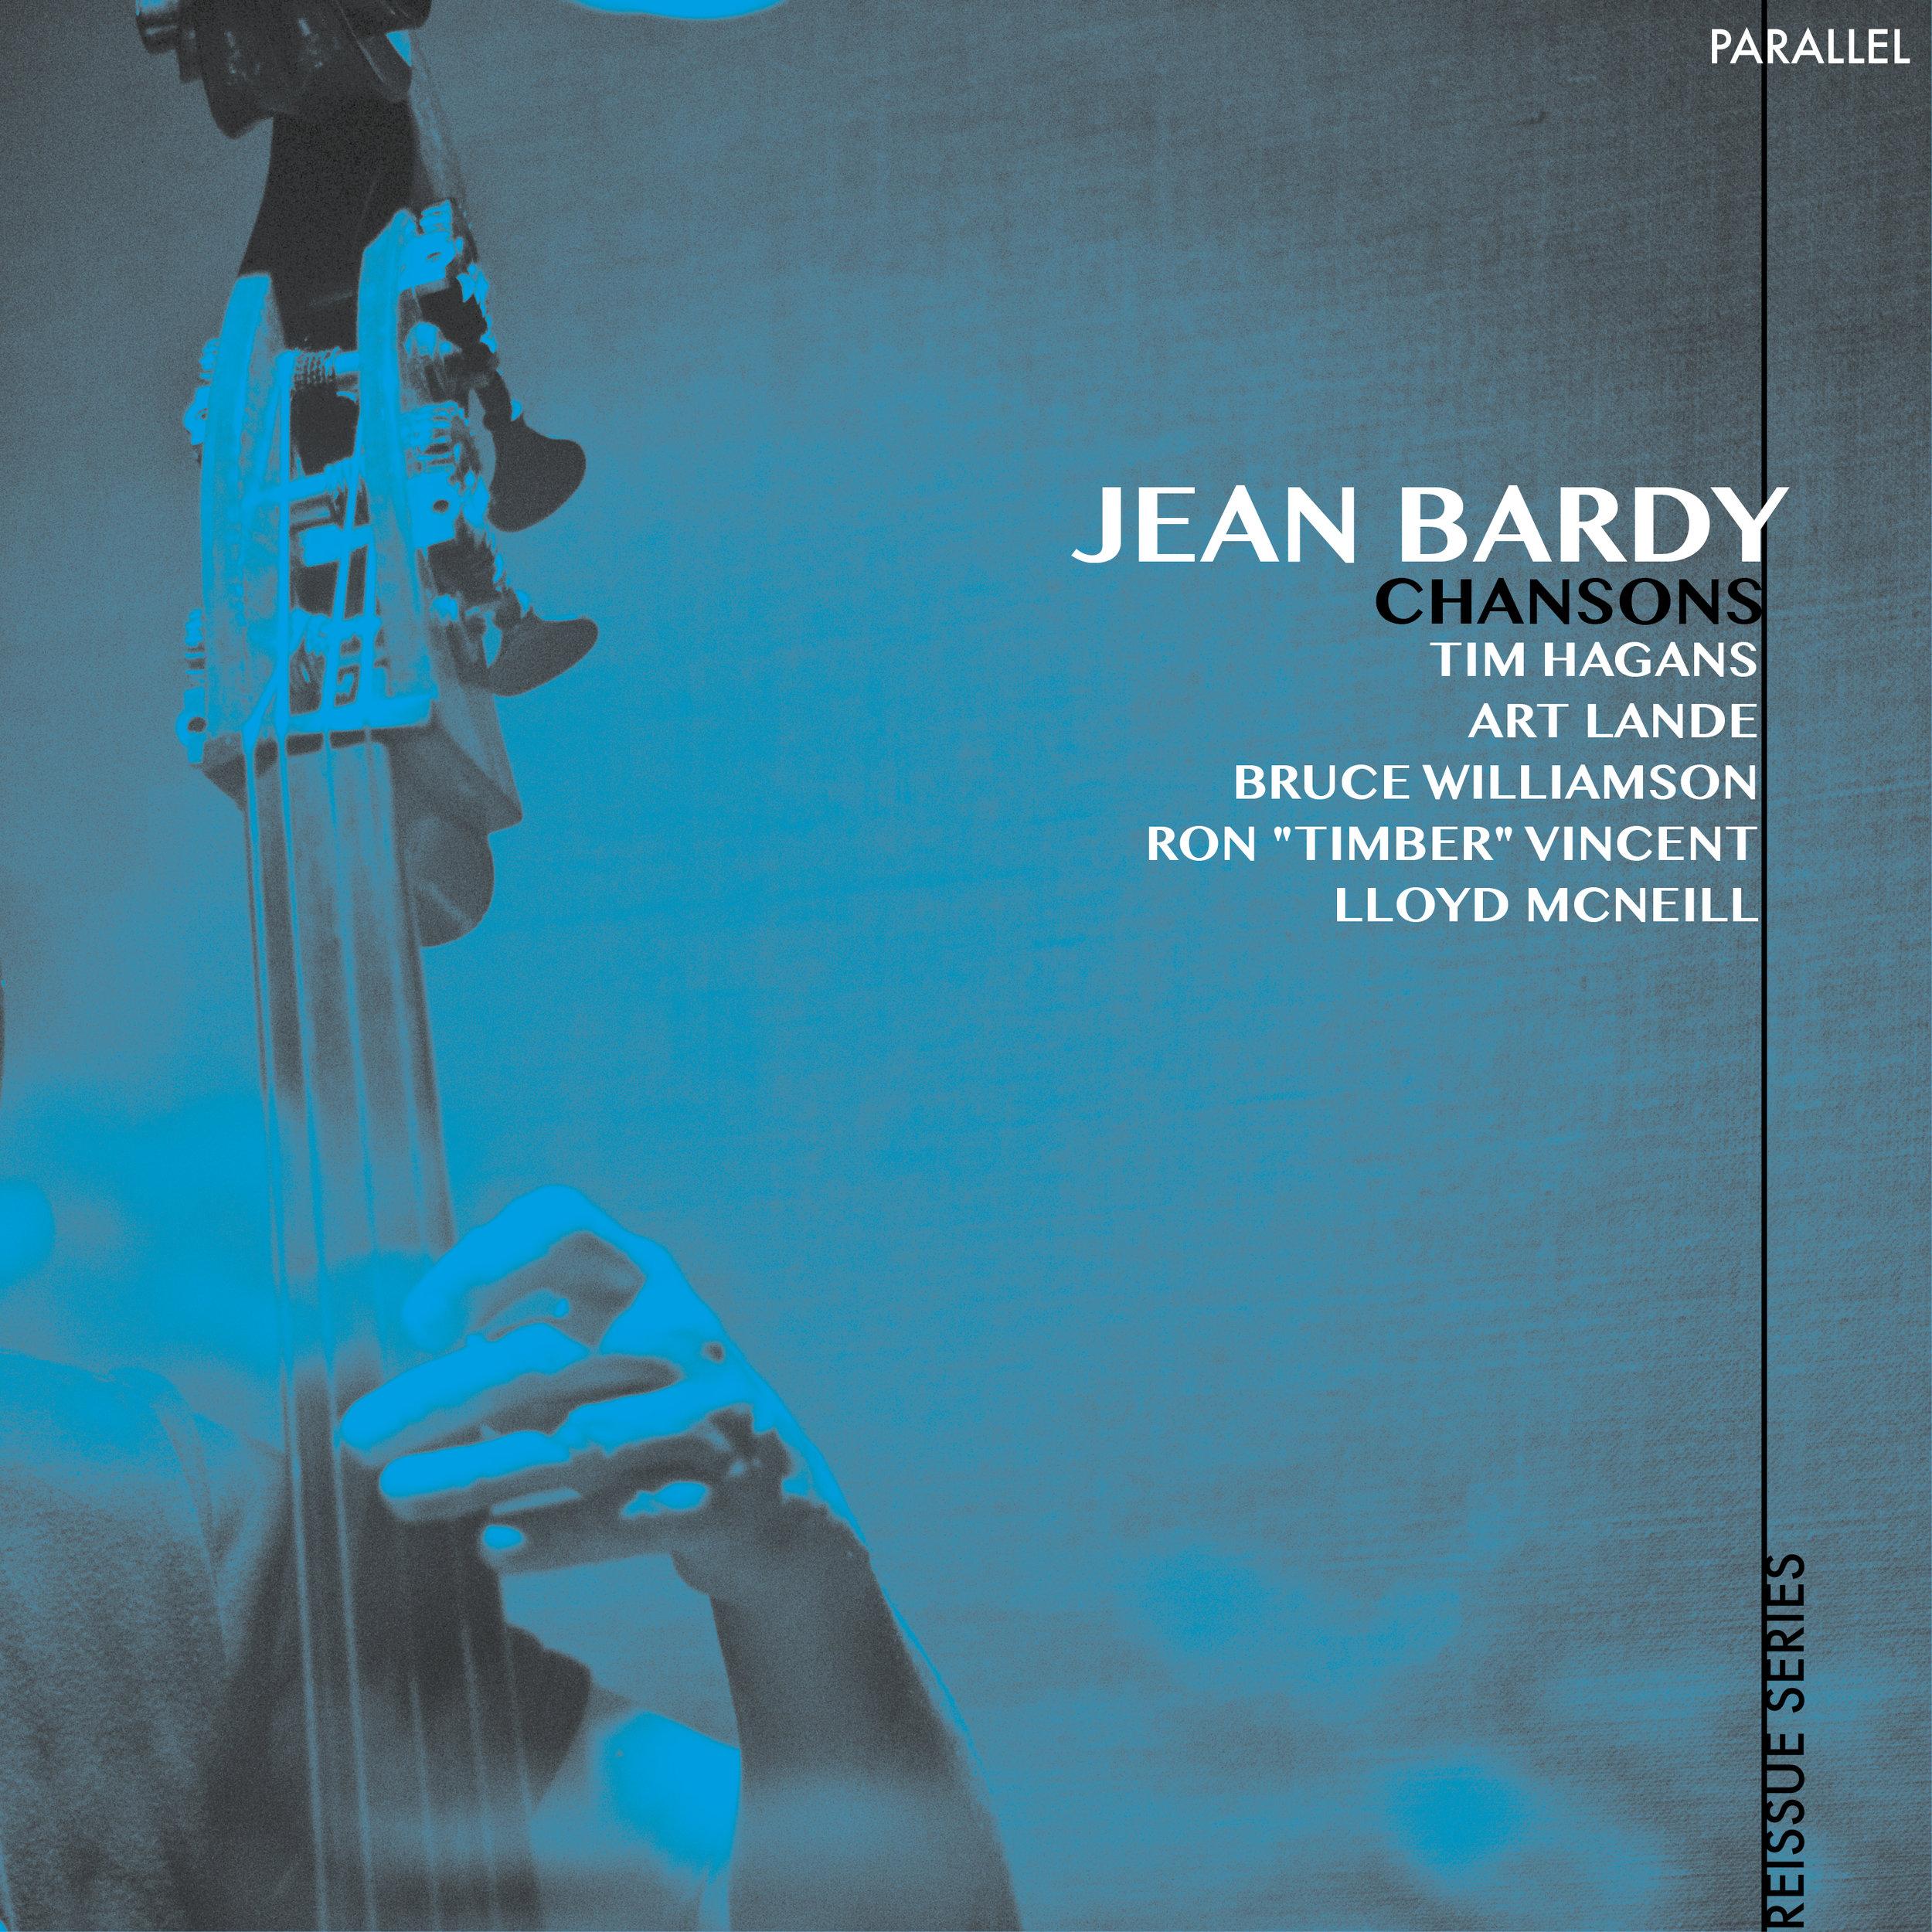 JEAN BARDY  - CHANSONS (1992/2017)